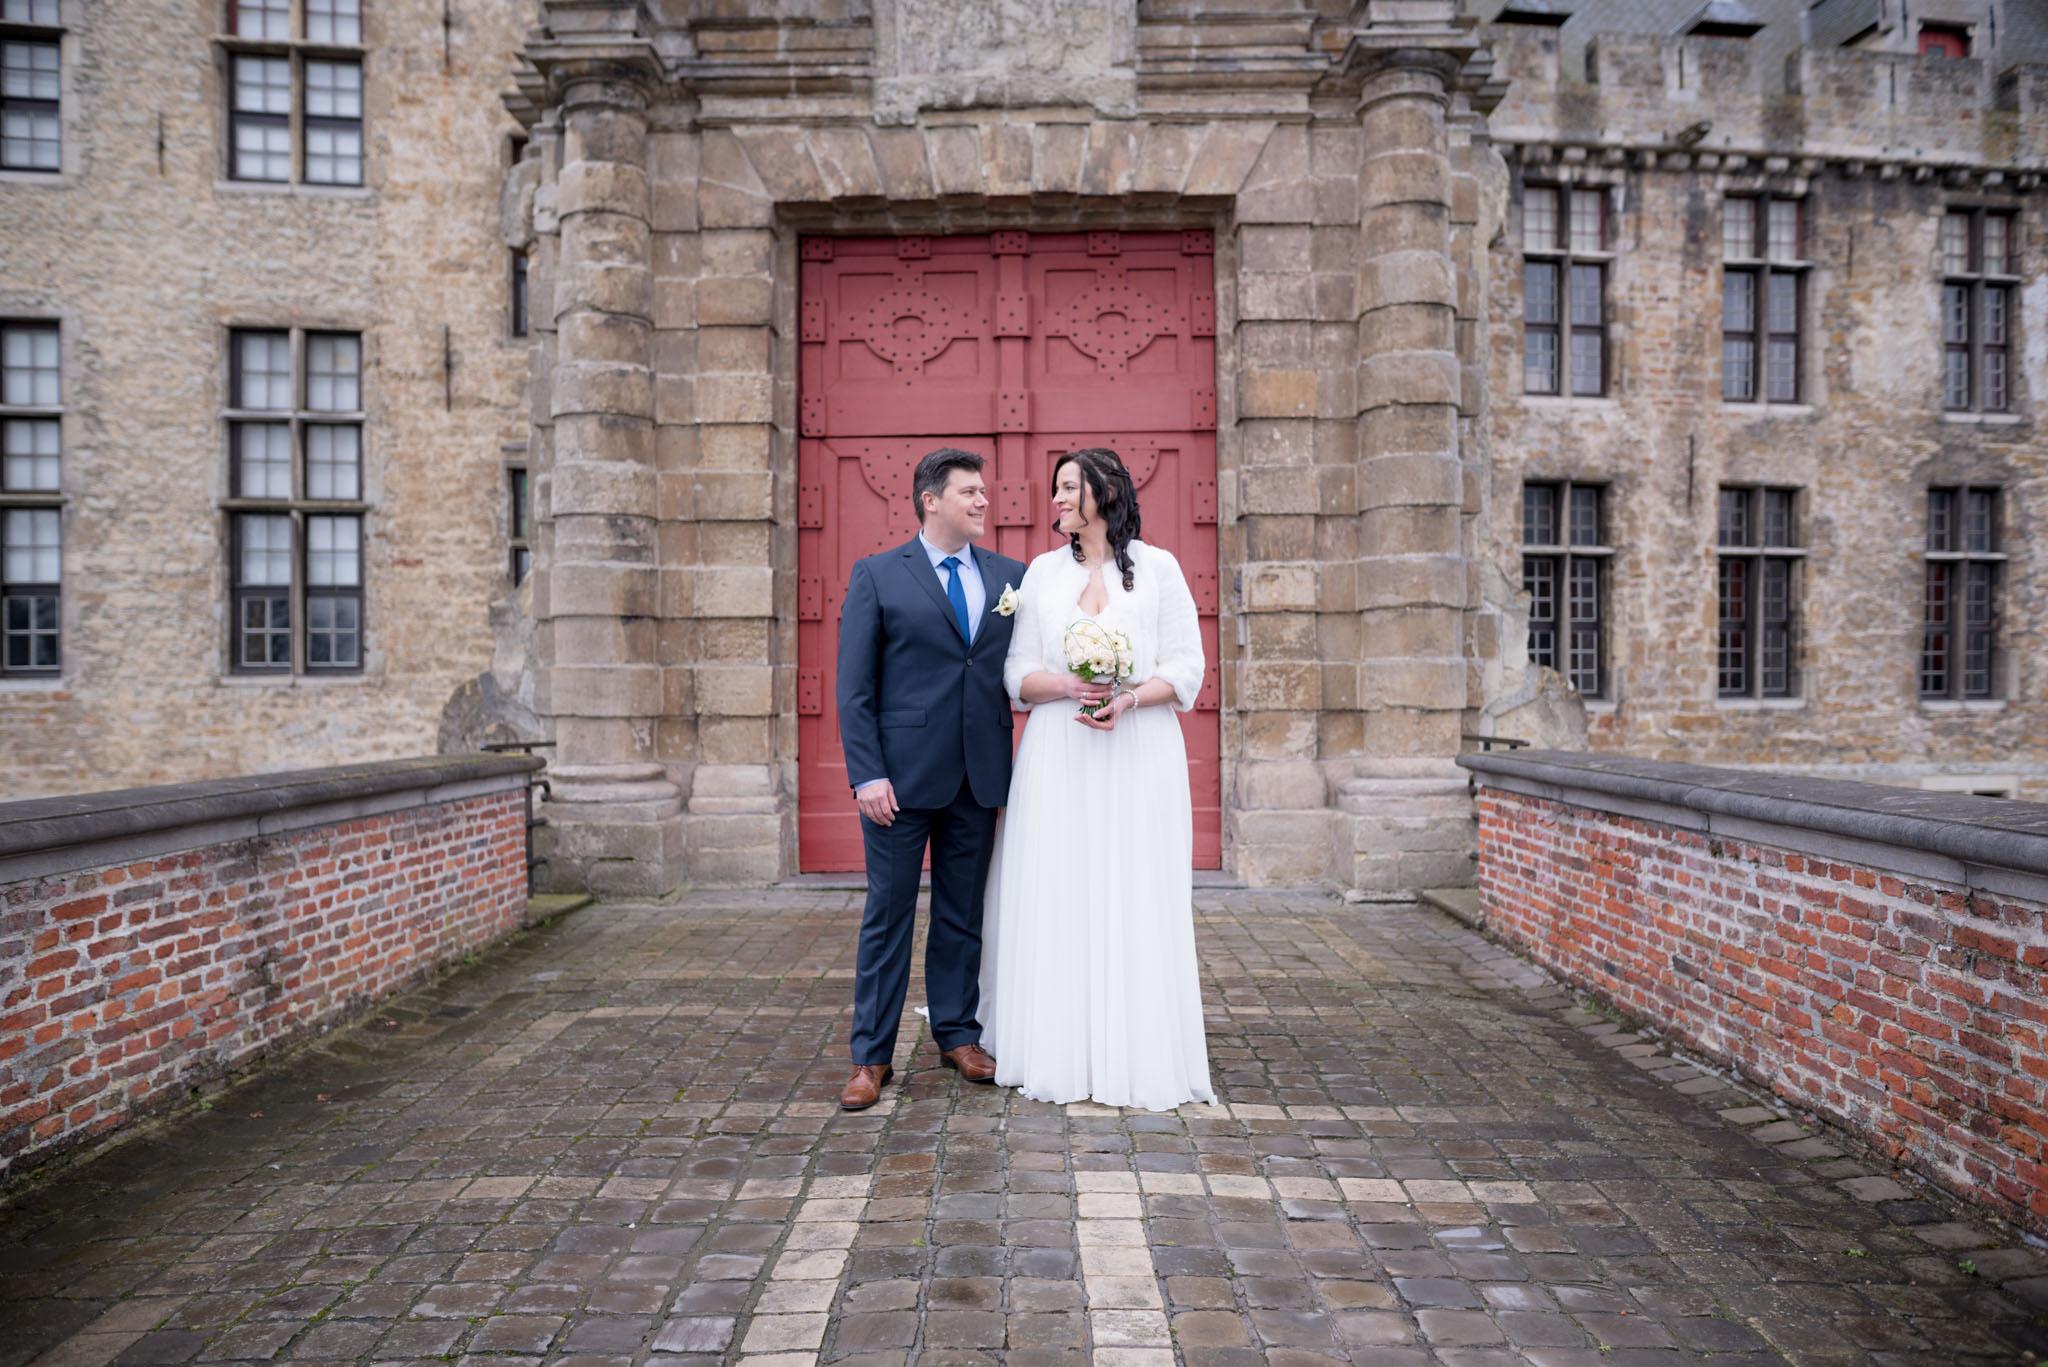 Huwelijksfoto Kasteel van Laarne